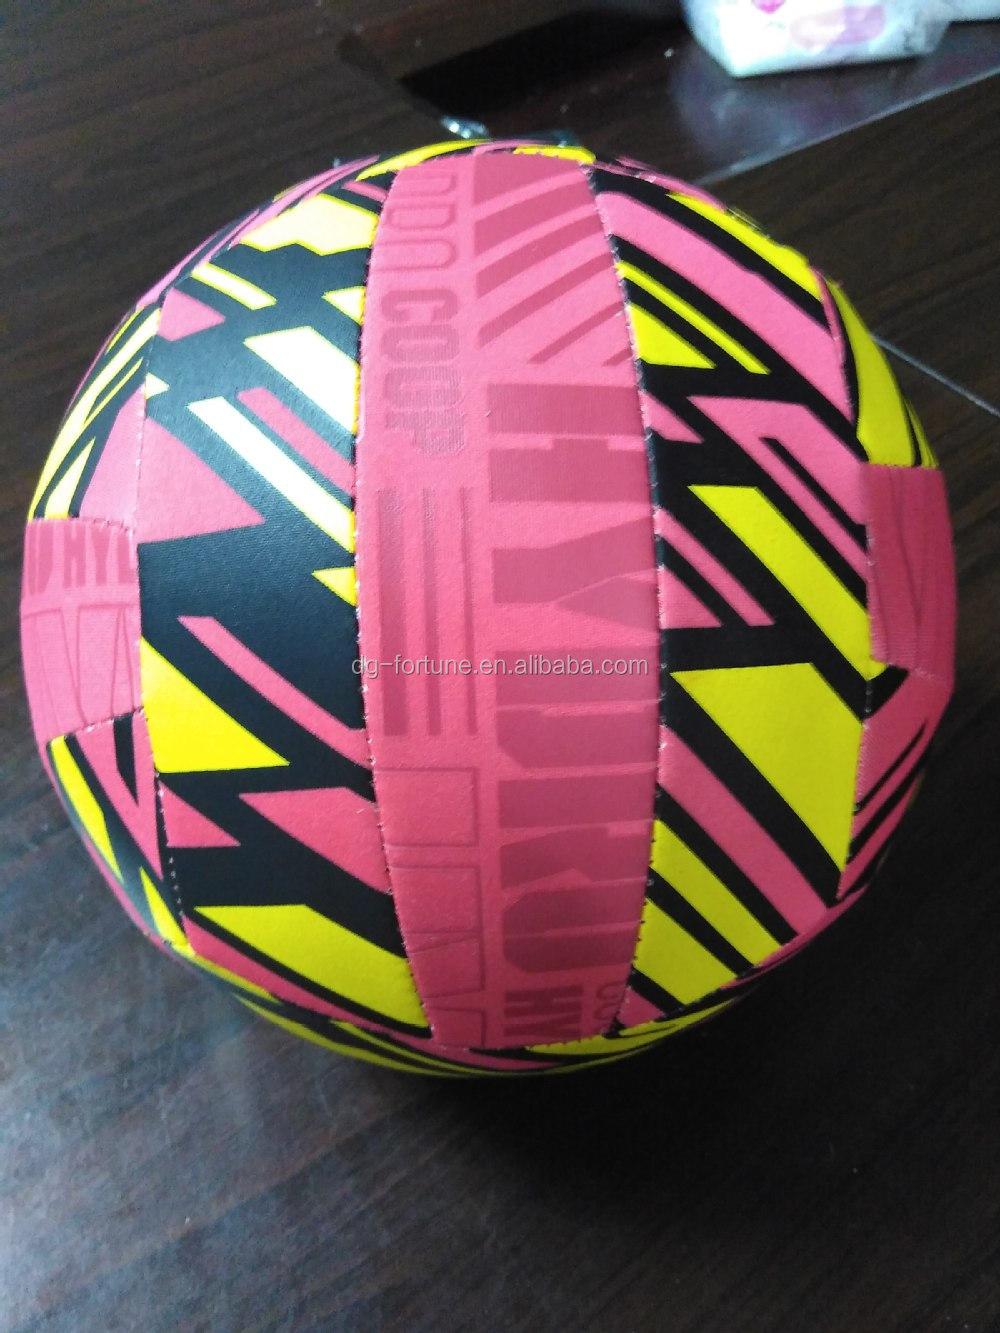 Venda quente NEOPRENE vôlei de praia inflável para as crianças brincam na piscina ou na praia